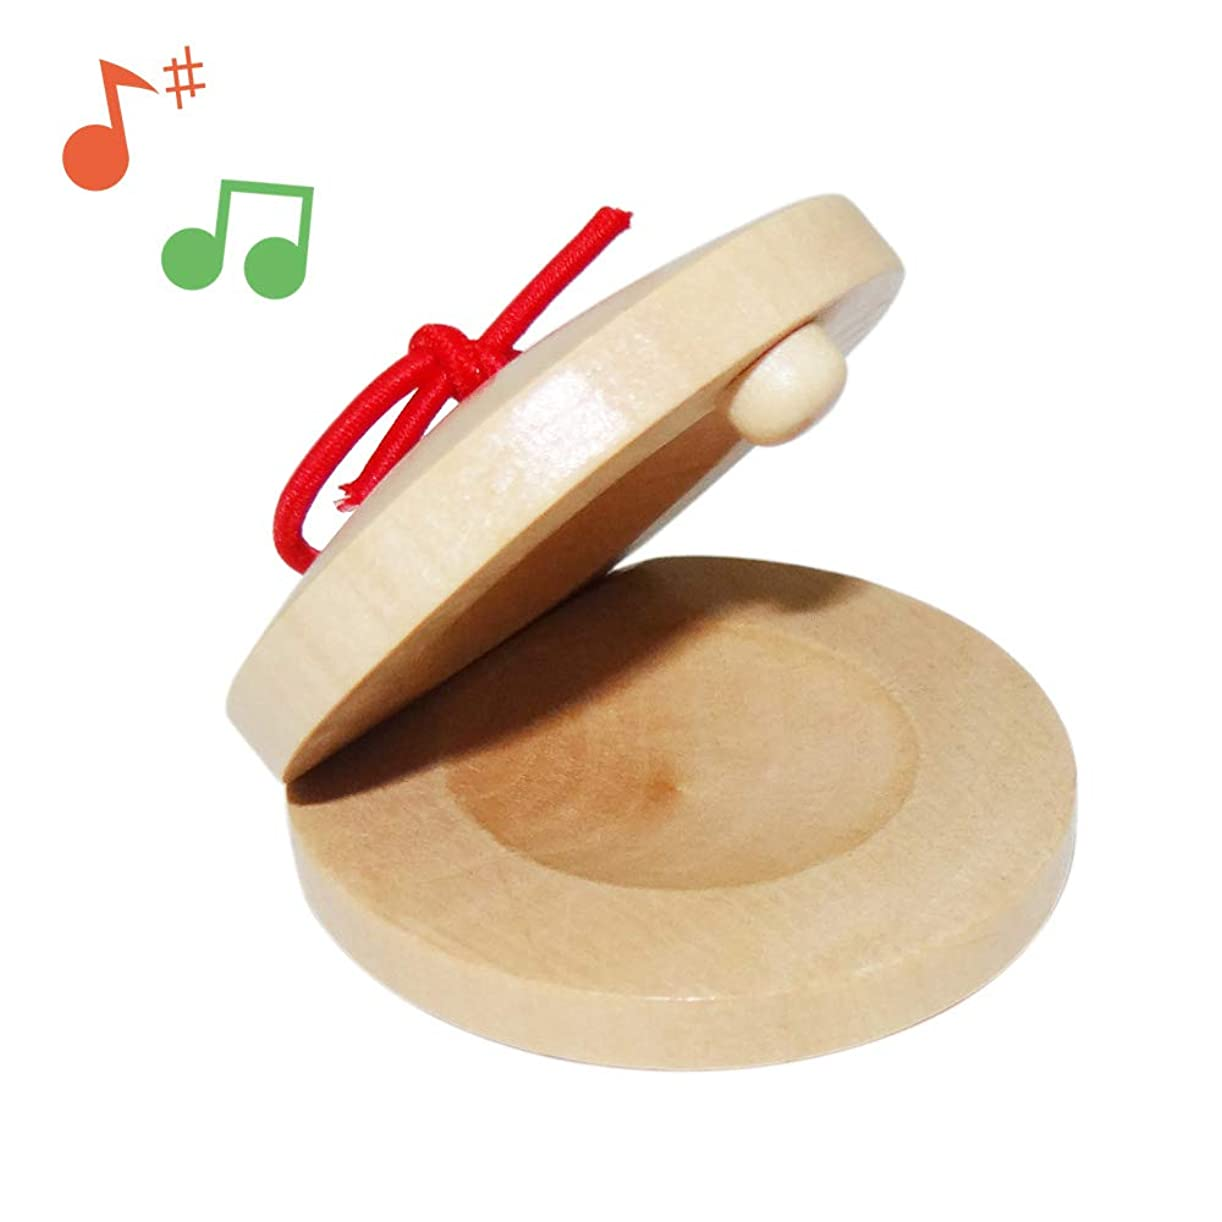 浸透する挑む薄汚いカスタネット ハンドカスタネット パーカッション 教育用 遊戯用 天然木製 幼児 小学校 幼稚園 子供向け 知育 玩具 楽器 ギフト シンプル「ナチュラル」